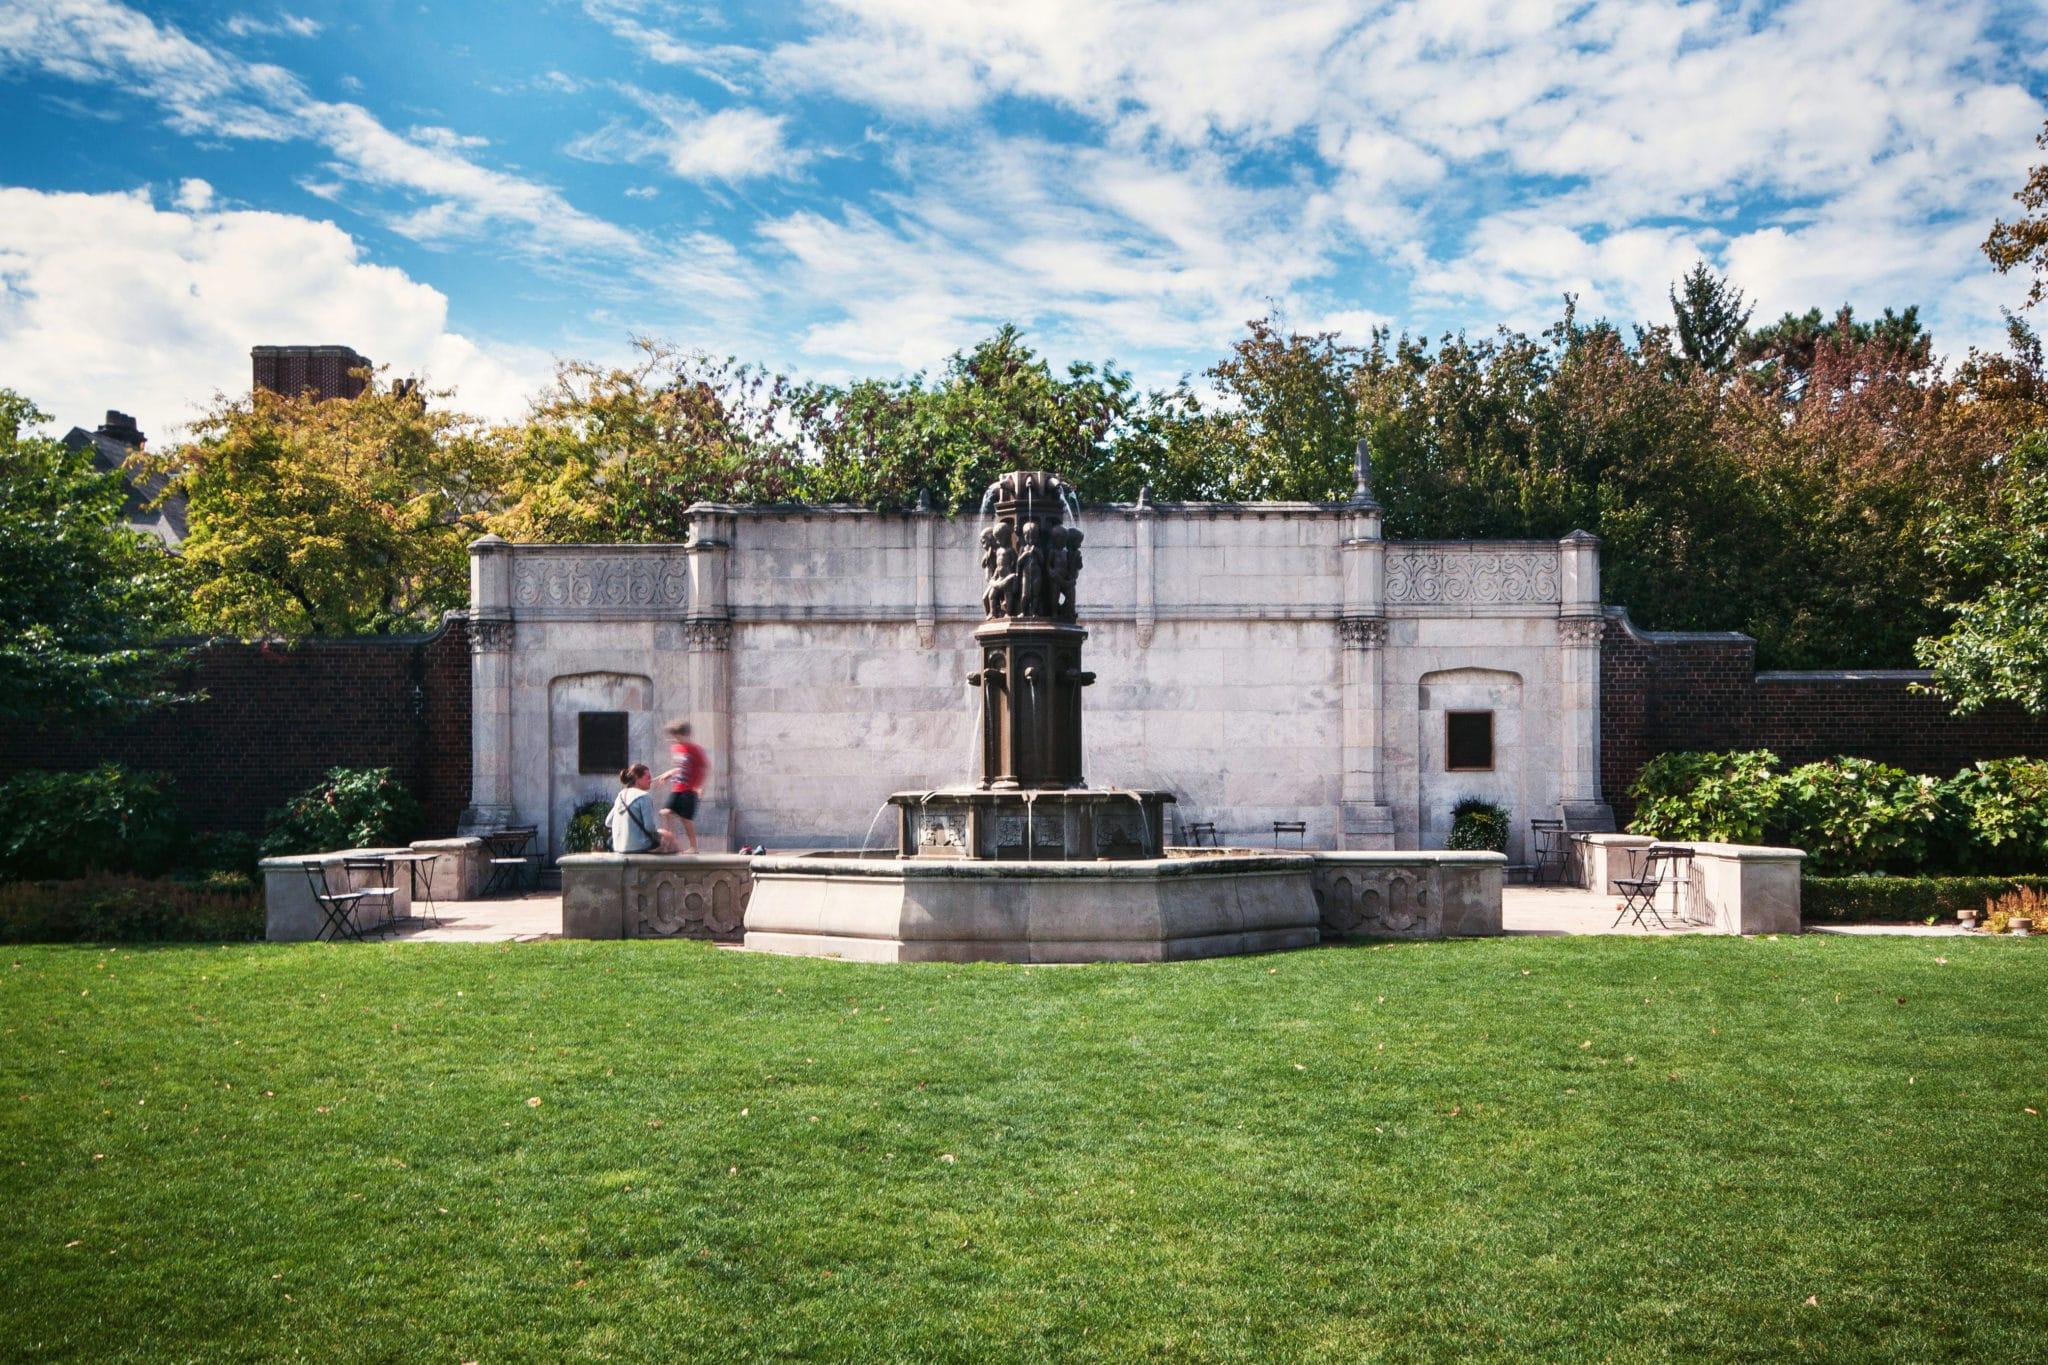 Walled Garden and Fountain at Mellon Park